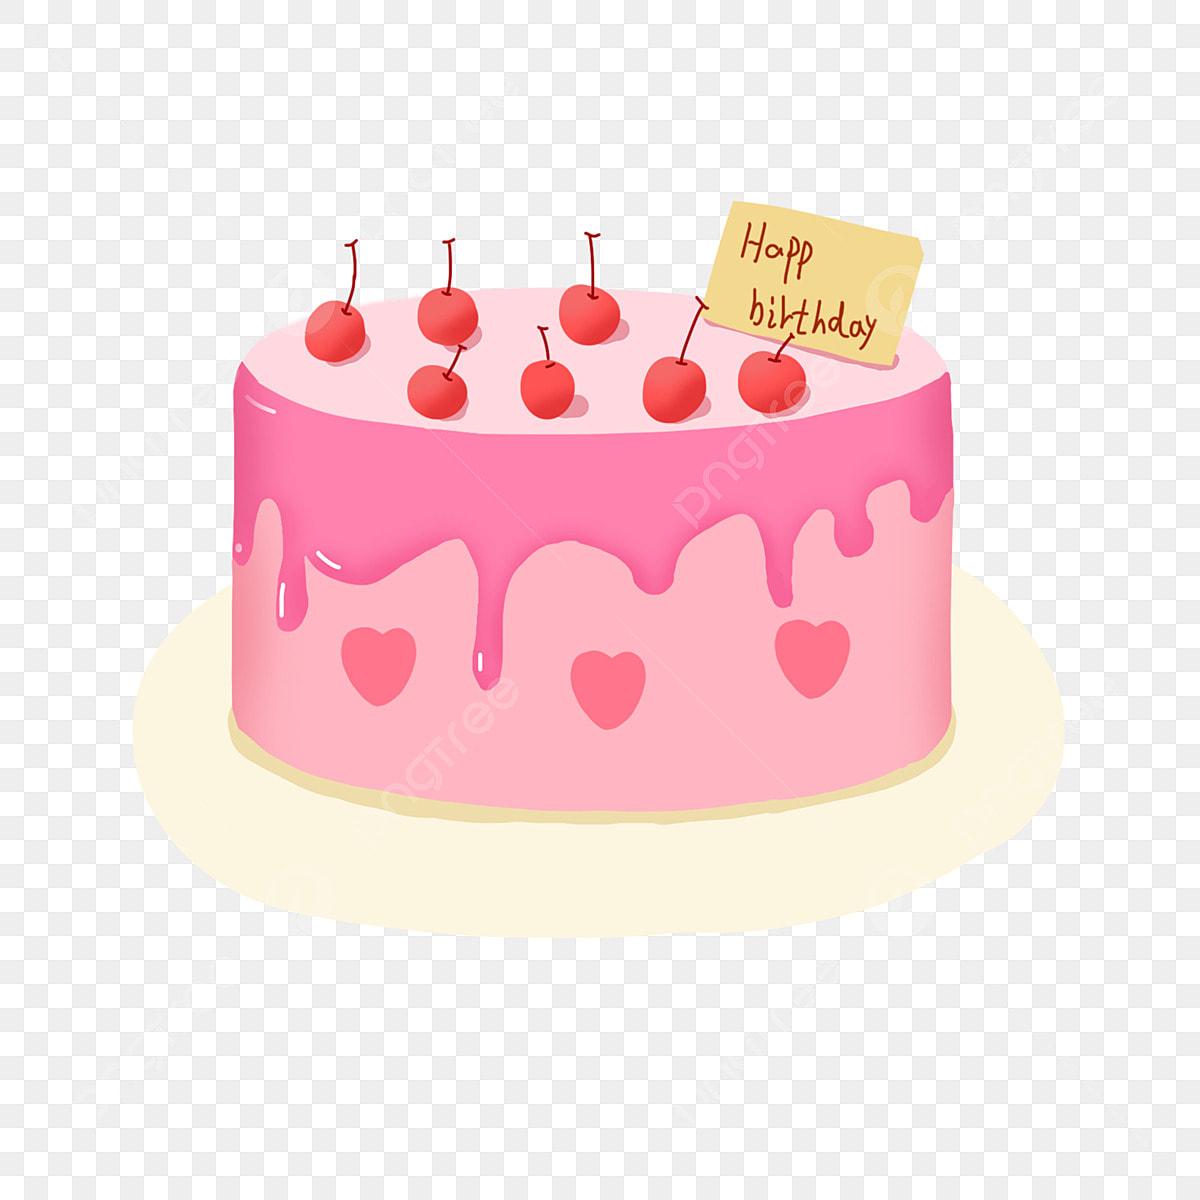 Gambar Kek Merah Jambu Kek Sedap Kek Cantik Hati Merah Jambu Hati Kek Kek Hari Jadi Kue Ceri Png Dan Psd Untuk Muat Turun Percuma